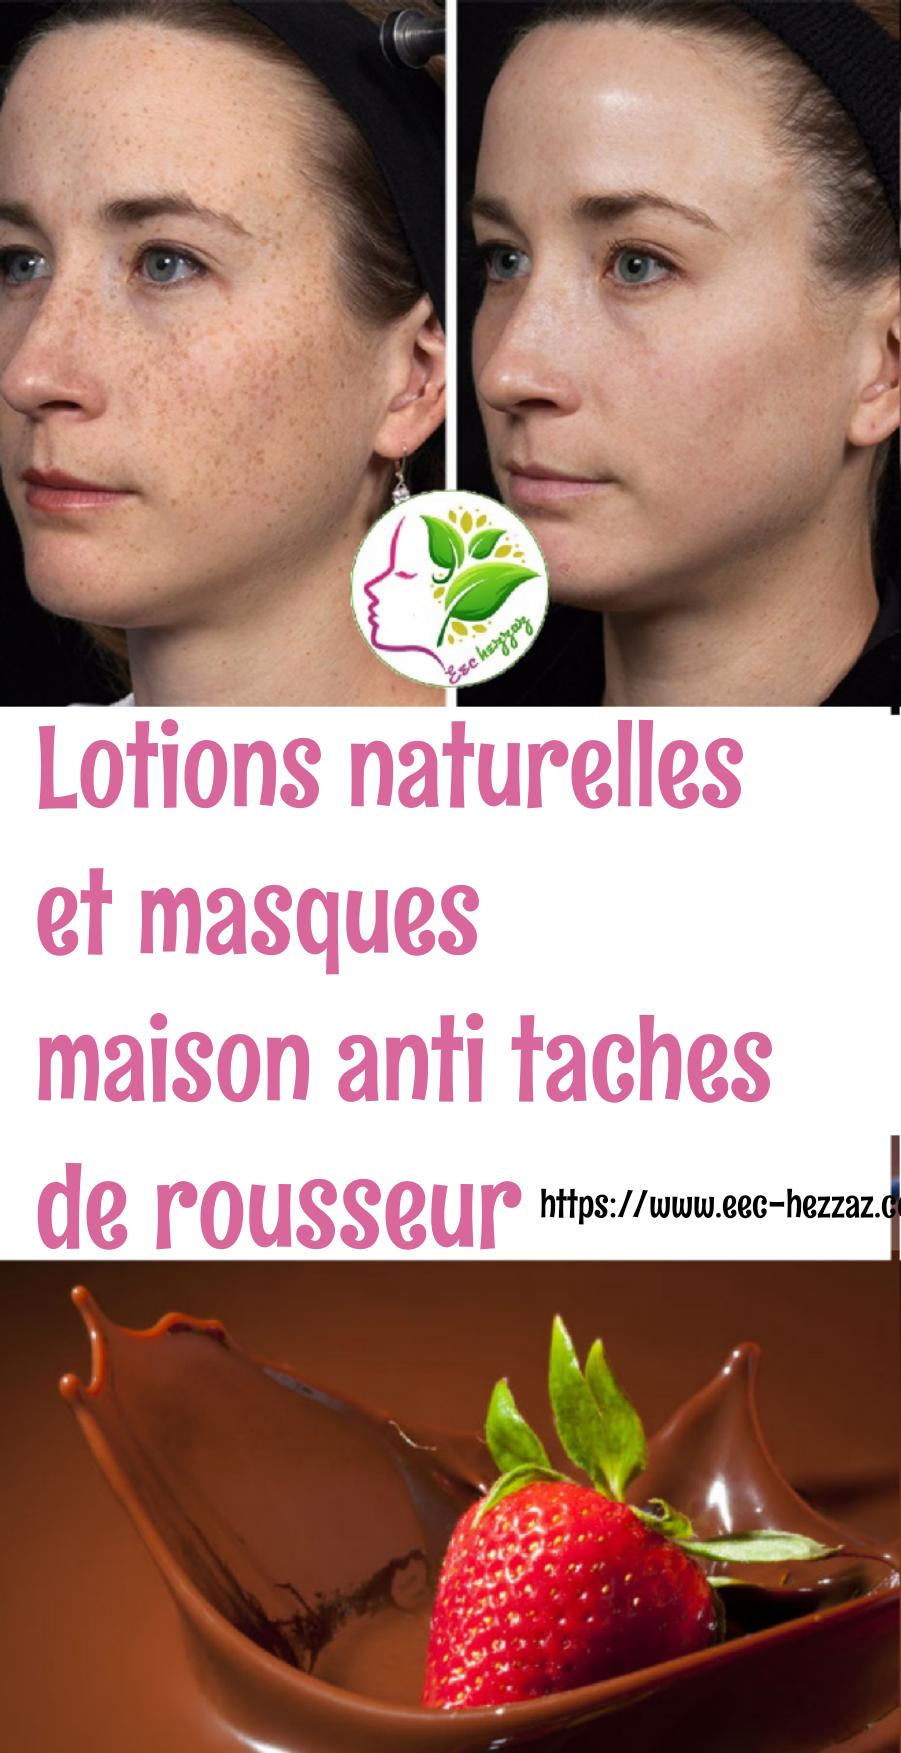 Lotions naturelles et masques maison anti taches de rousseur